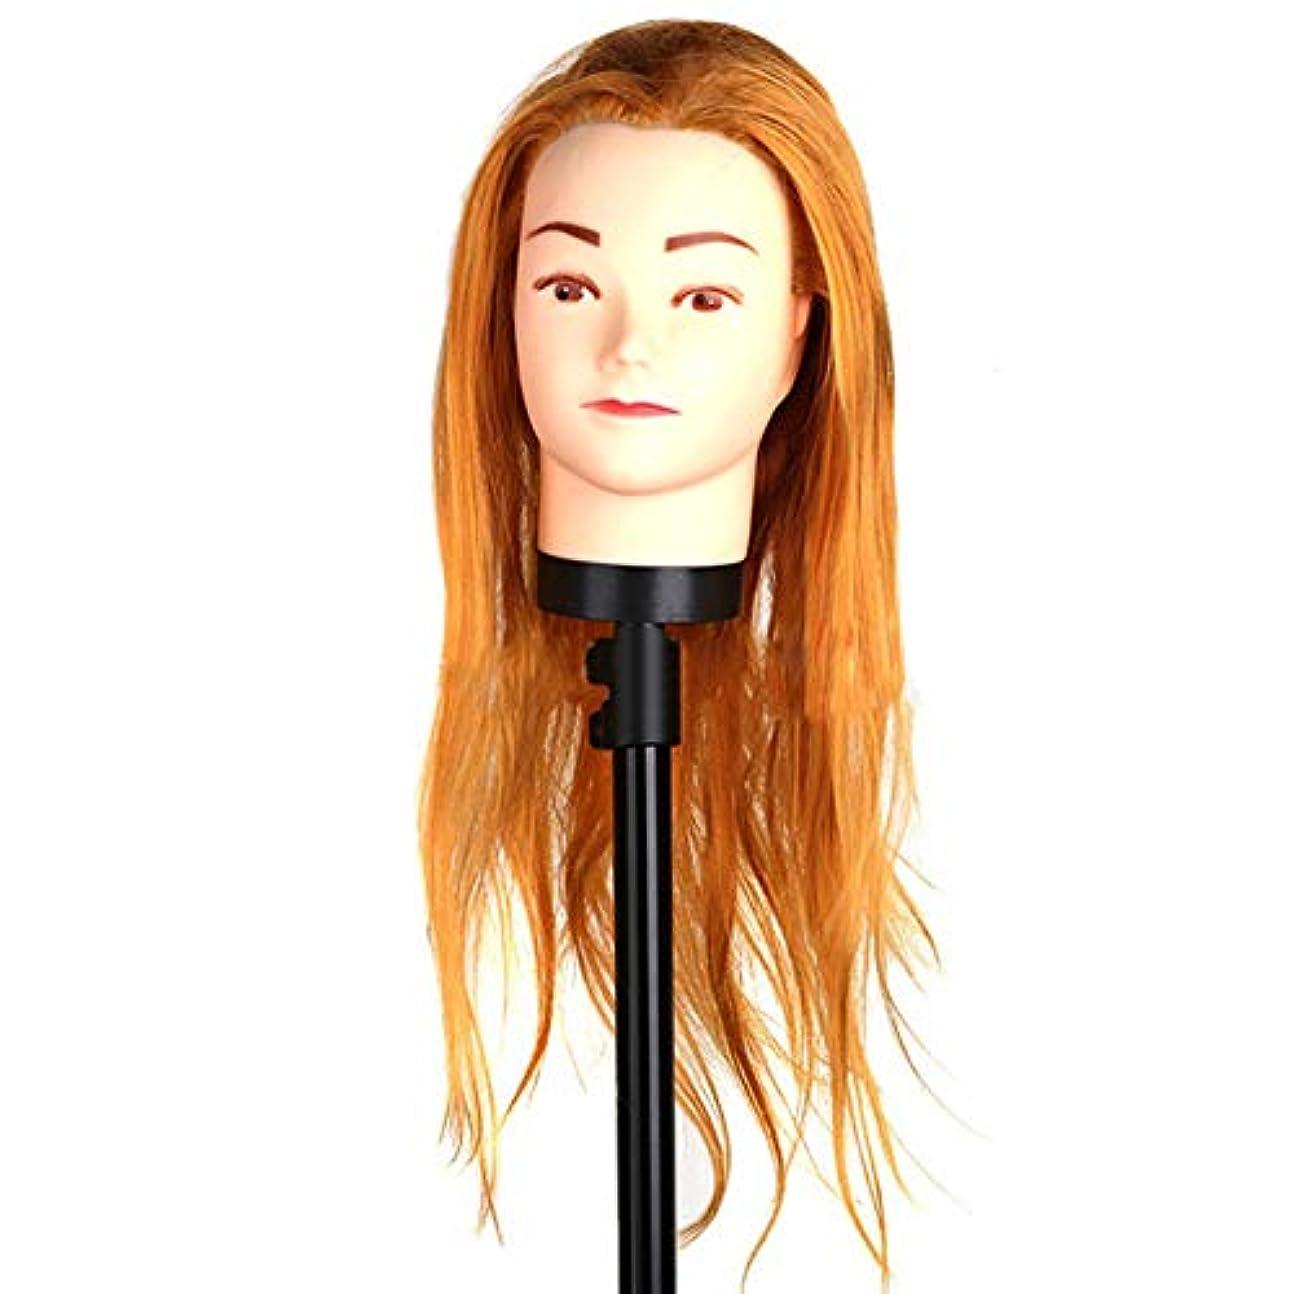 視聴者知らせる検出する高温繊維かつらヘッドモールドメイクヘアスタイリングヘッドヘアーサロントレーニング学習ヘアカットデュアルユースダミー人間の頭